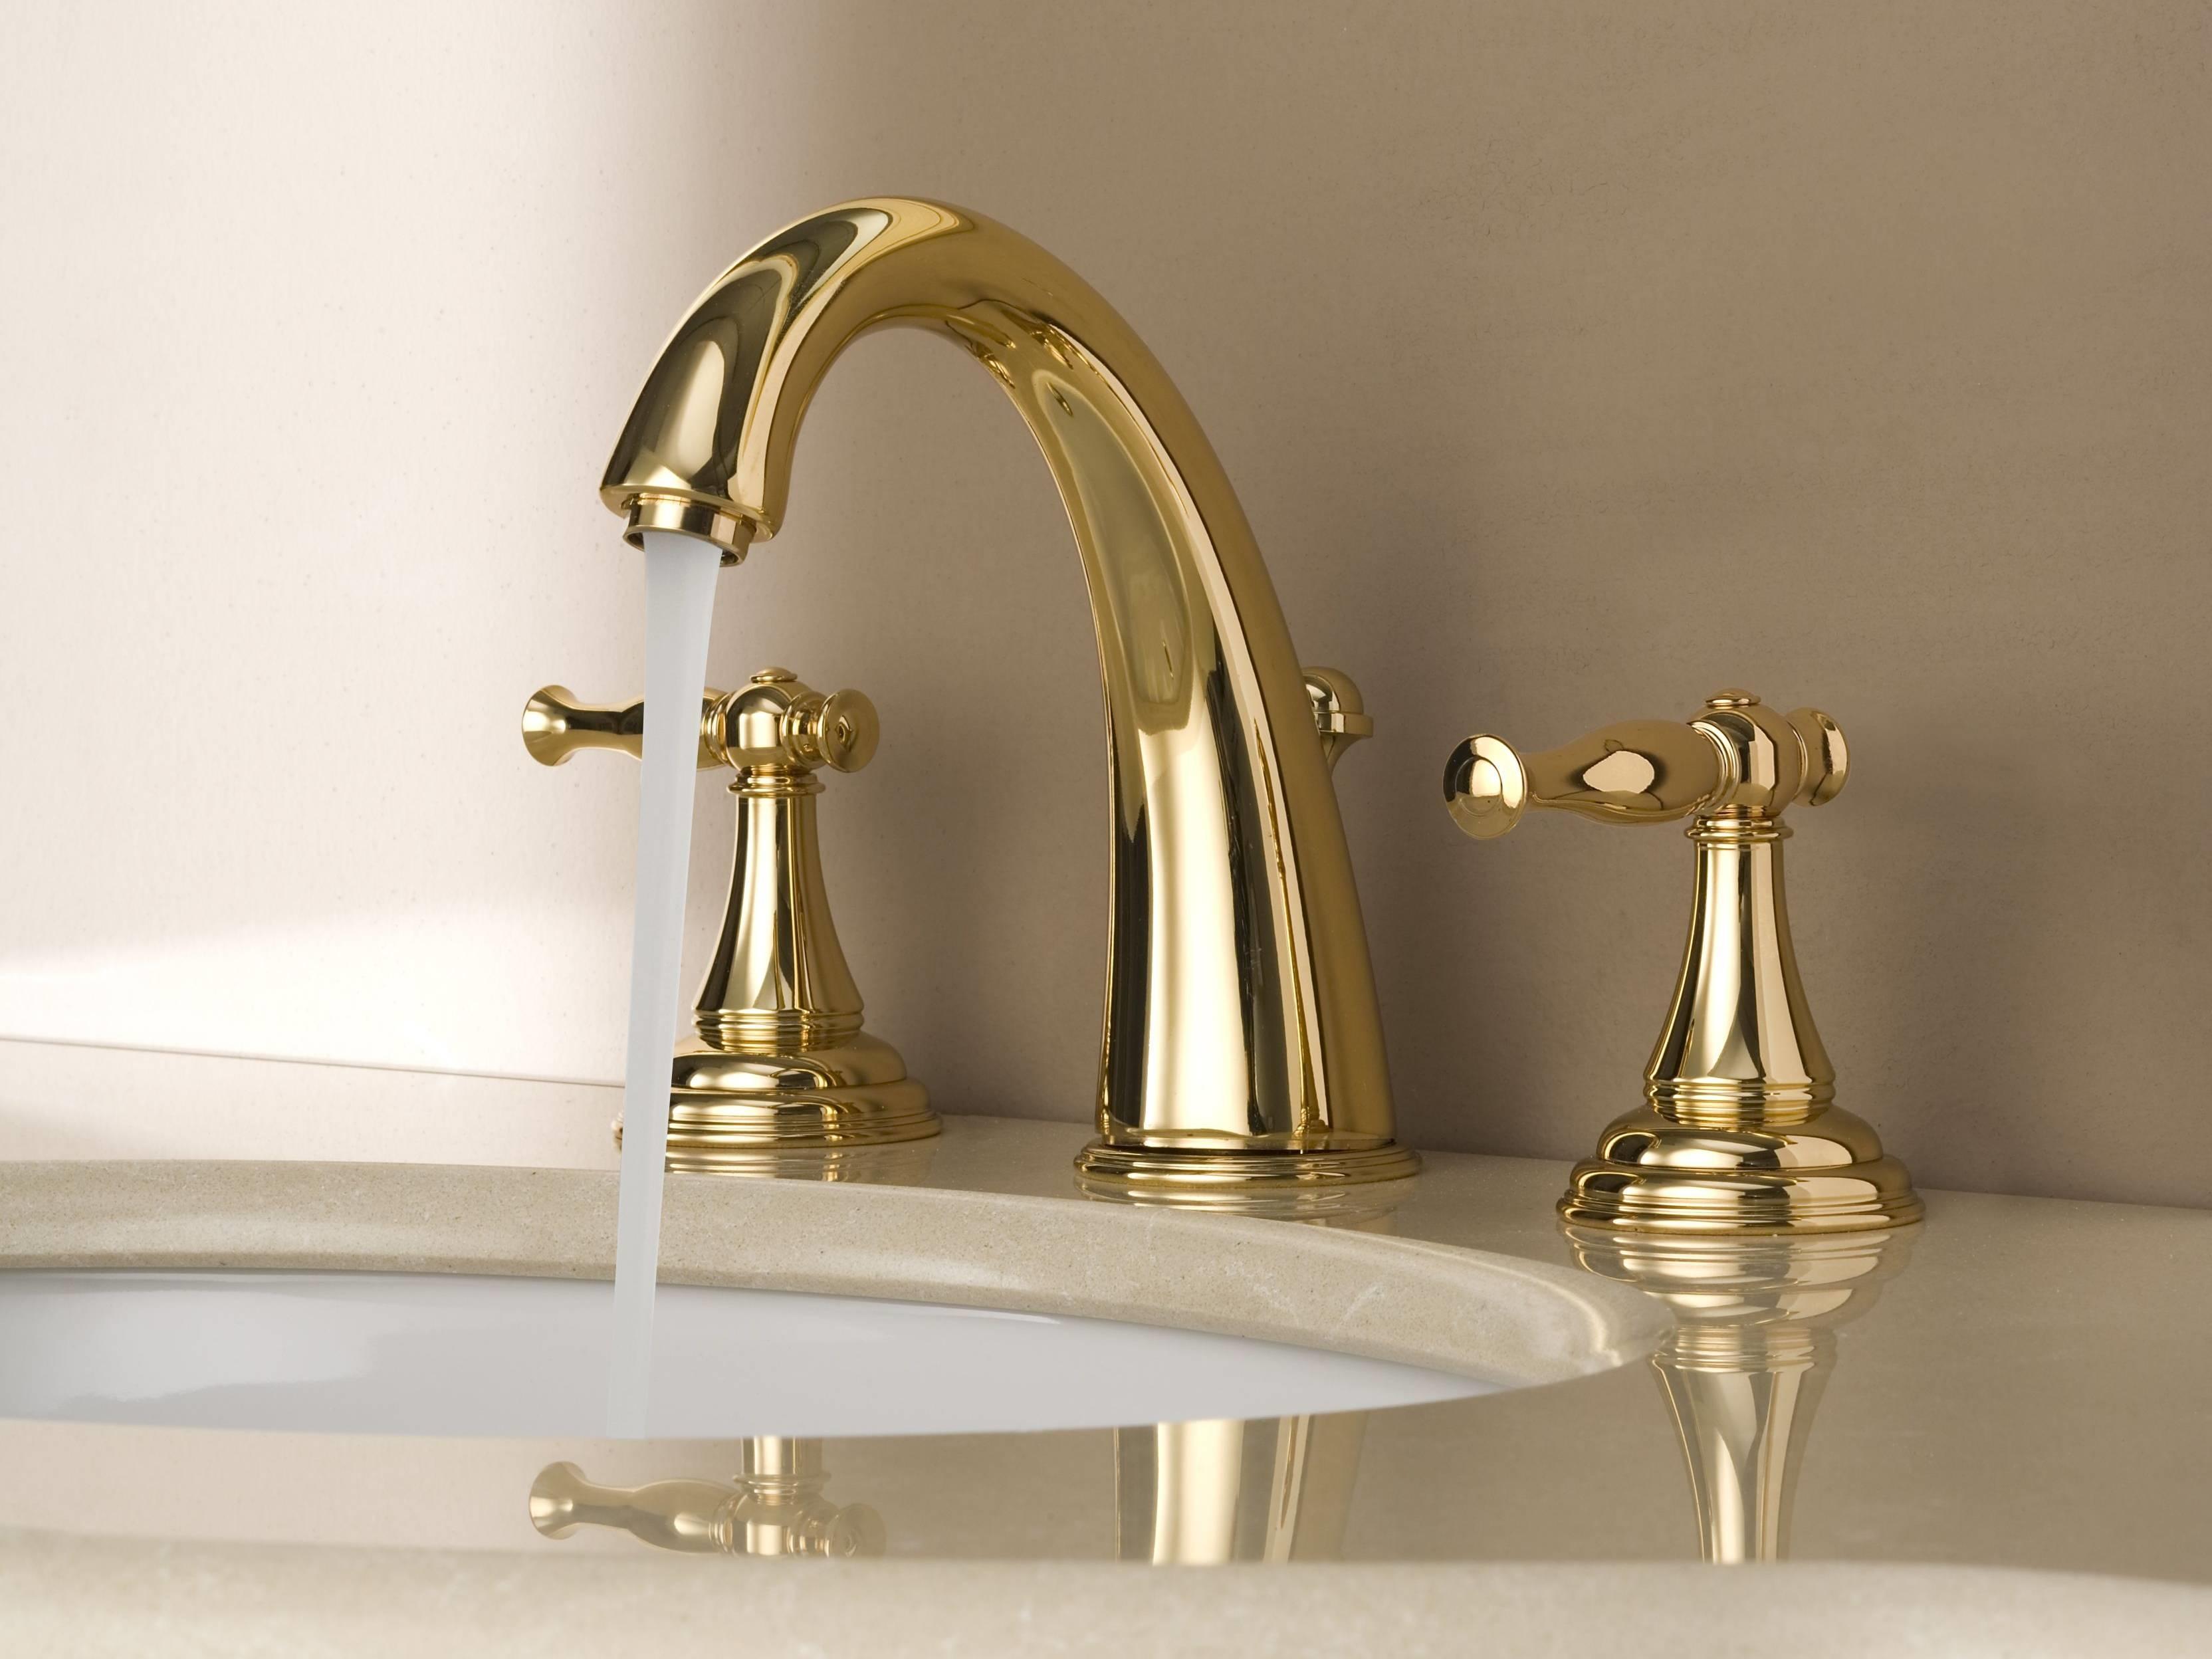 Modelli di rubinetteria bagno il bagno modelli di for Modelli di casa gratuiti